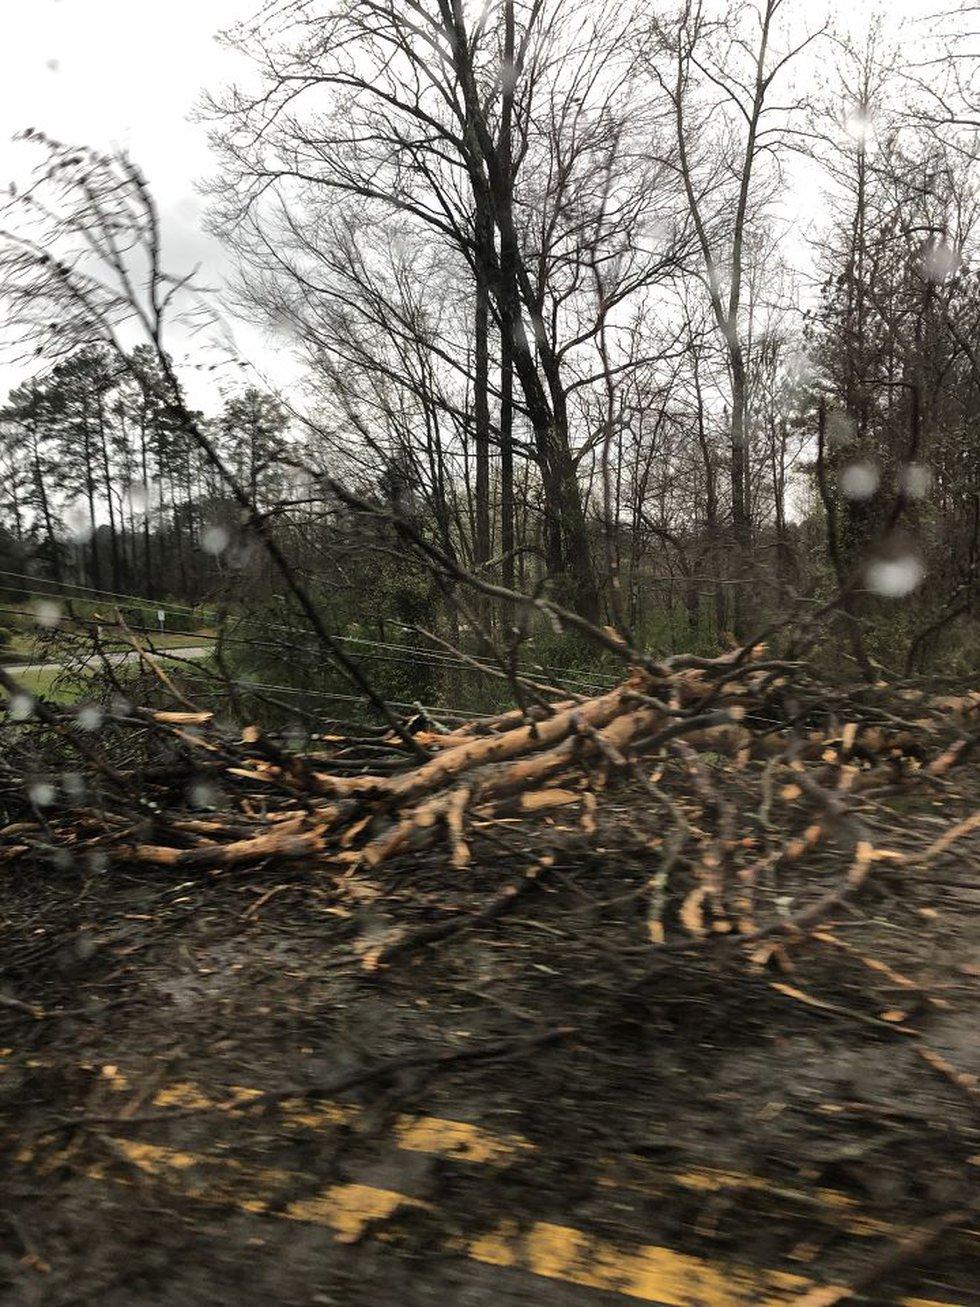 Tree down across Fieldstown Road in Gardendale